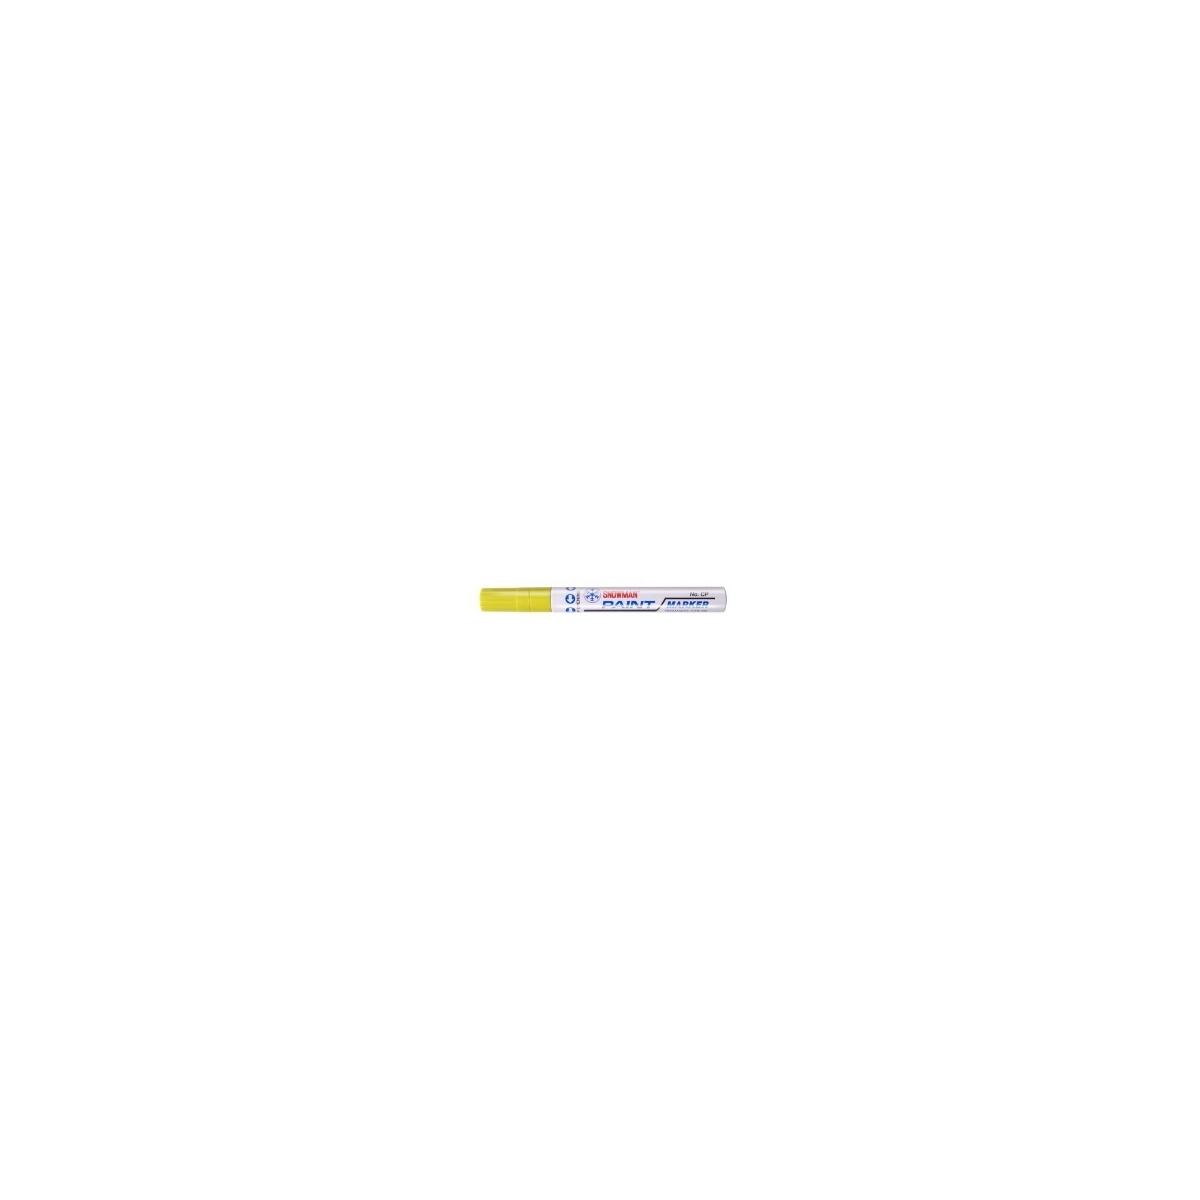 MARKER OLEJOWY SNOWMAN ŻÓŁTY Marker olejowy żółty SNOWMAN